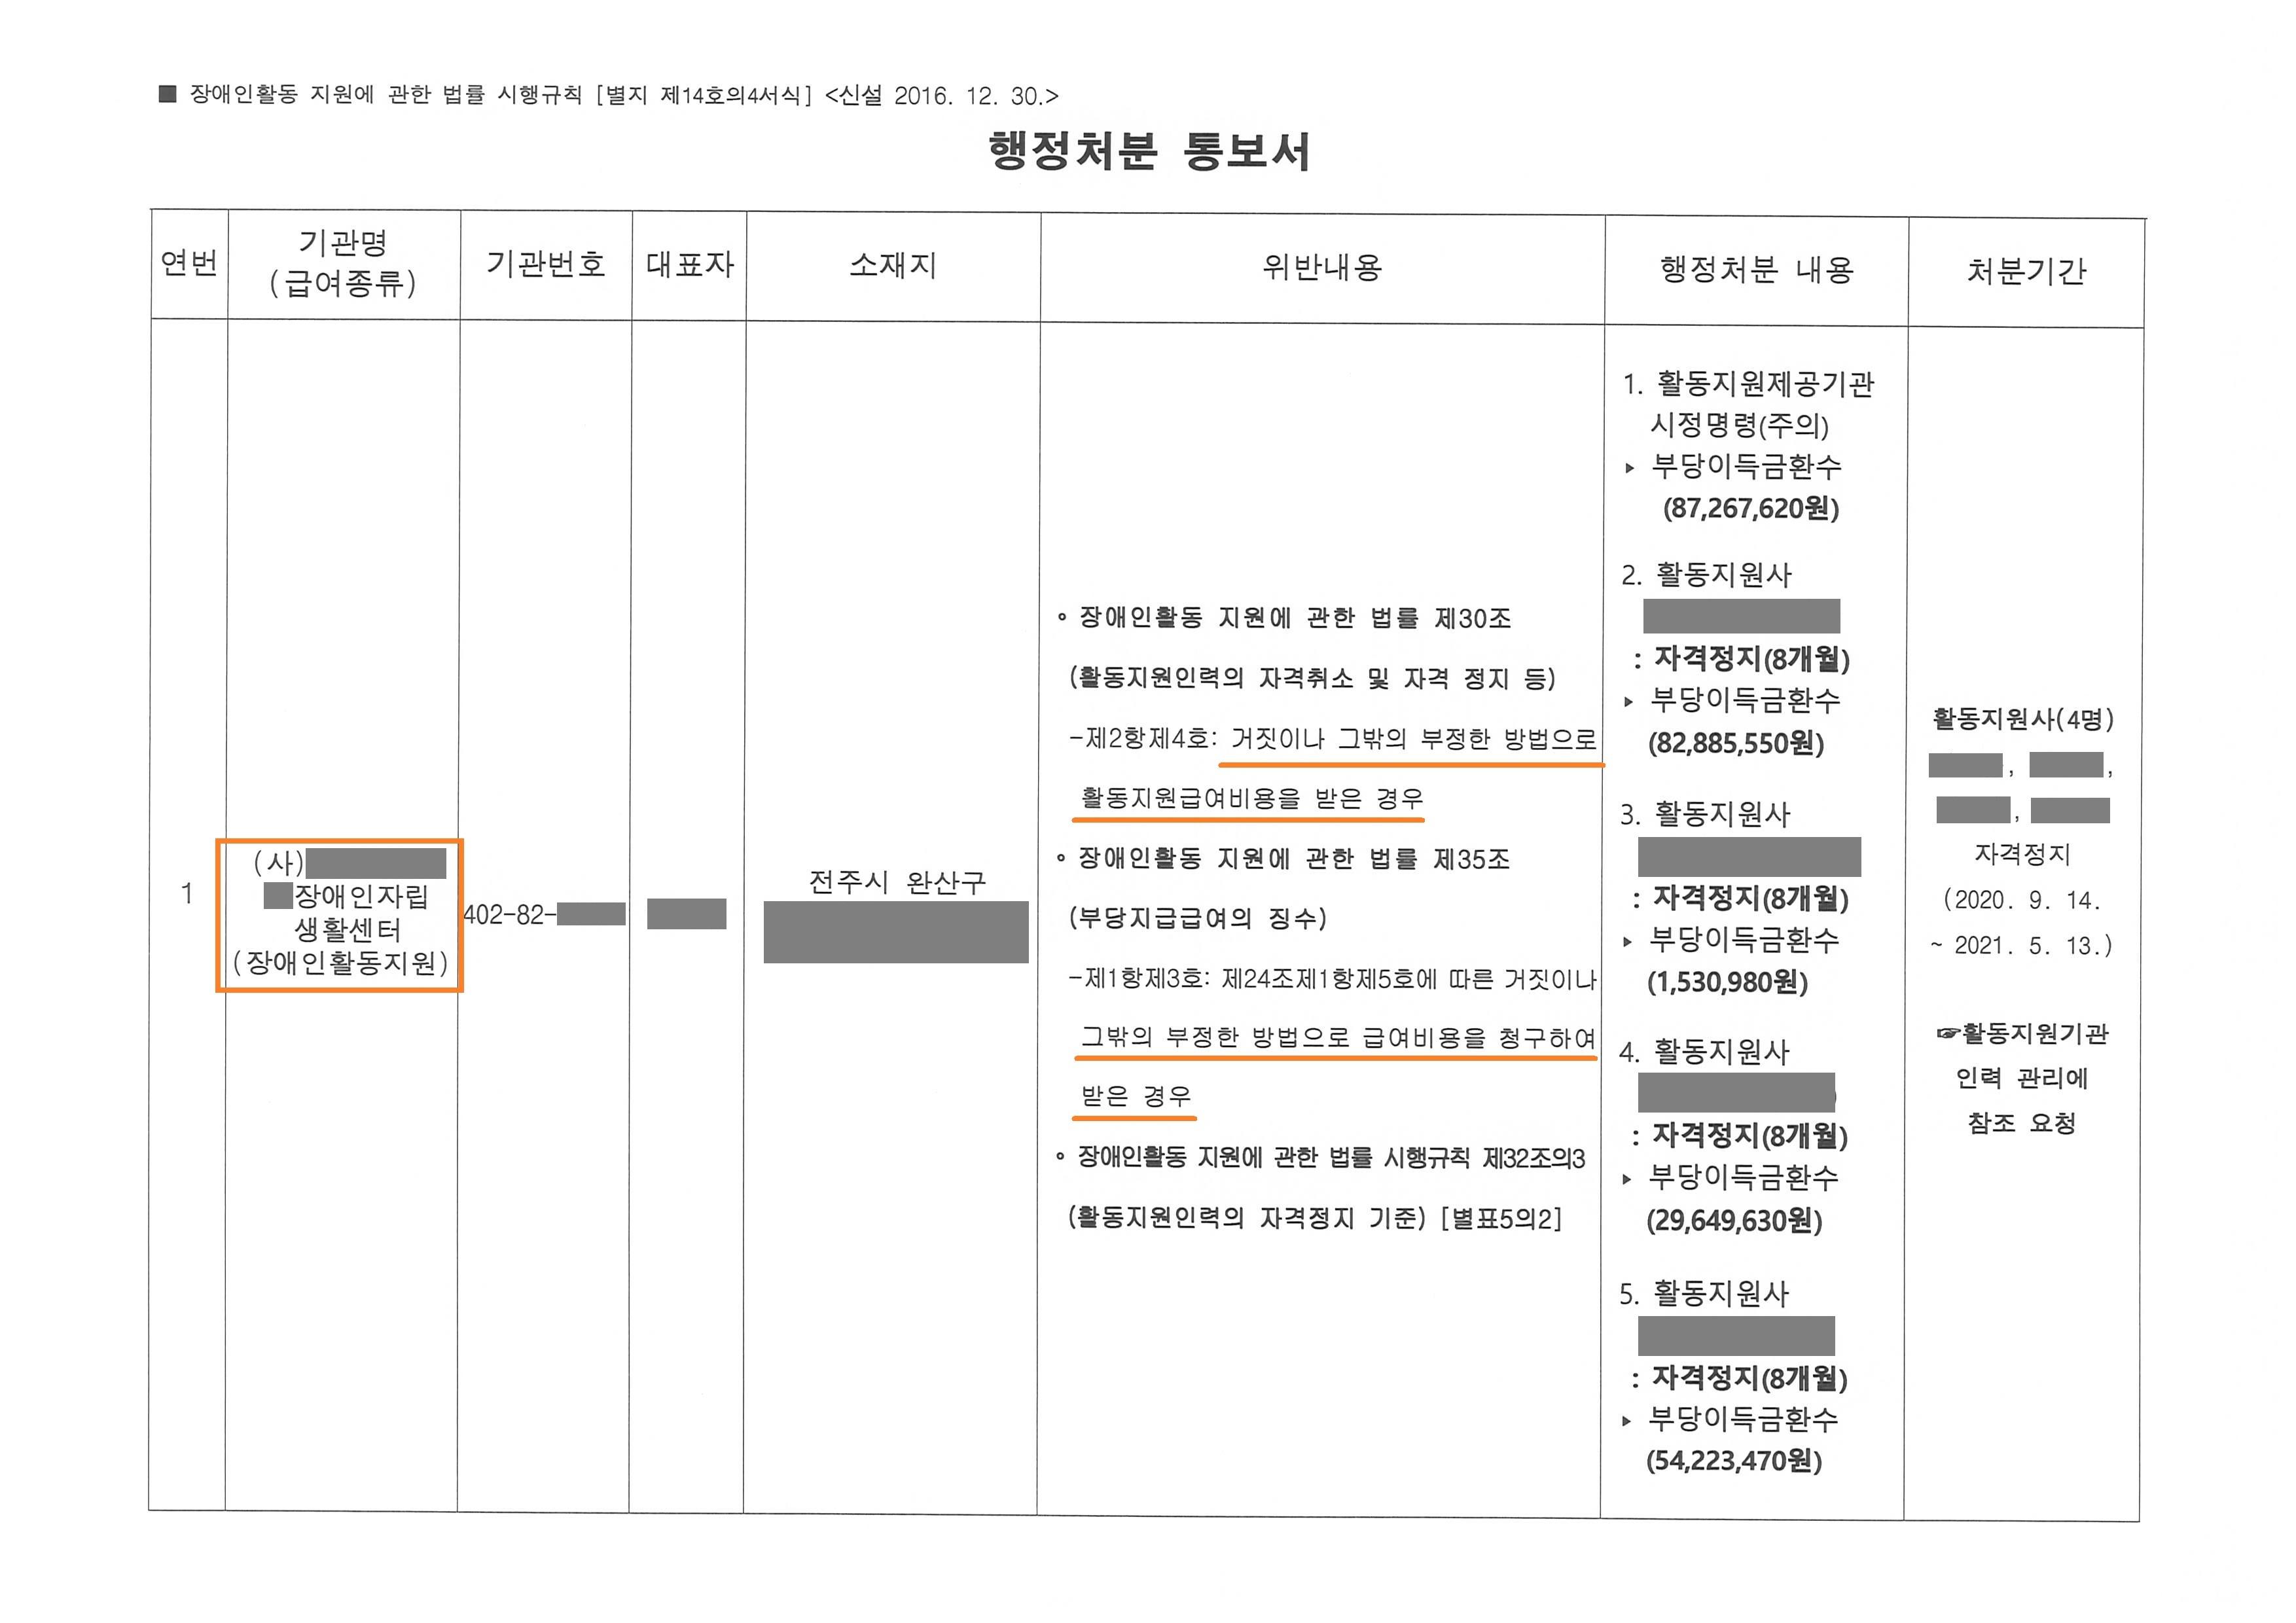 처분관련 정보공개(작은자)11.10. 평화주민사랑방_페이지_40 - 복사본.jpg